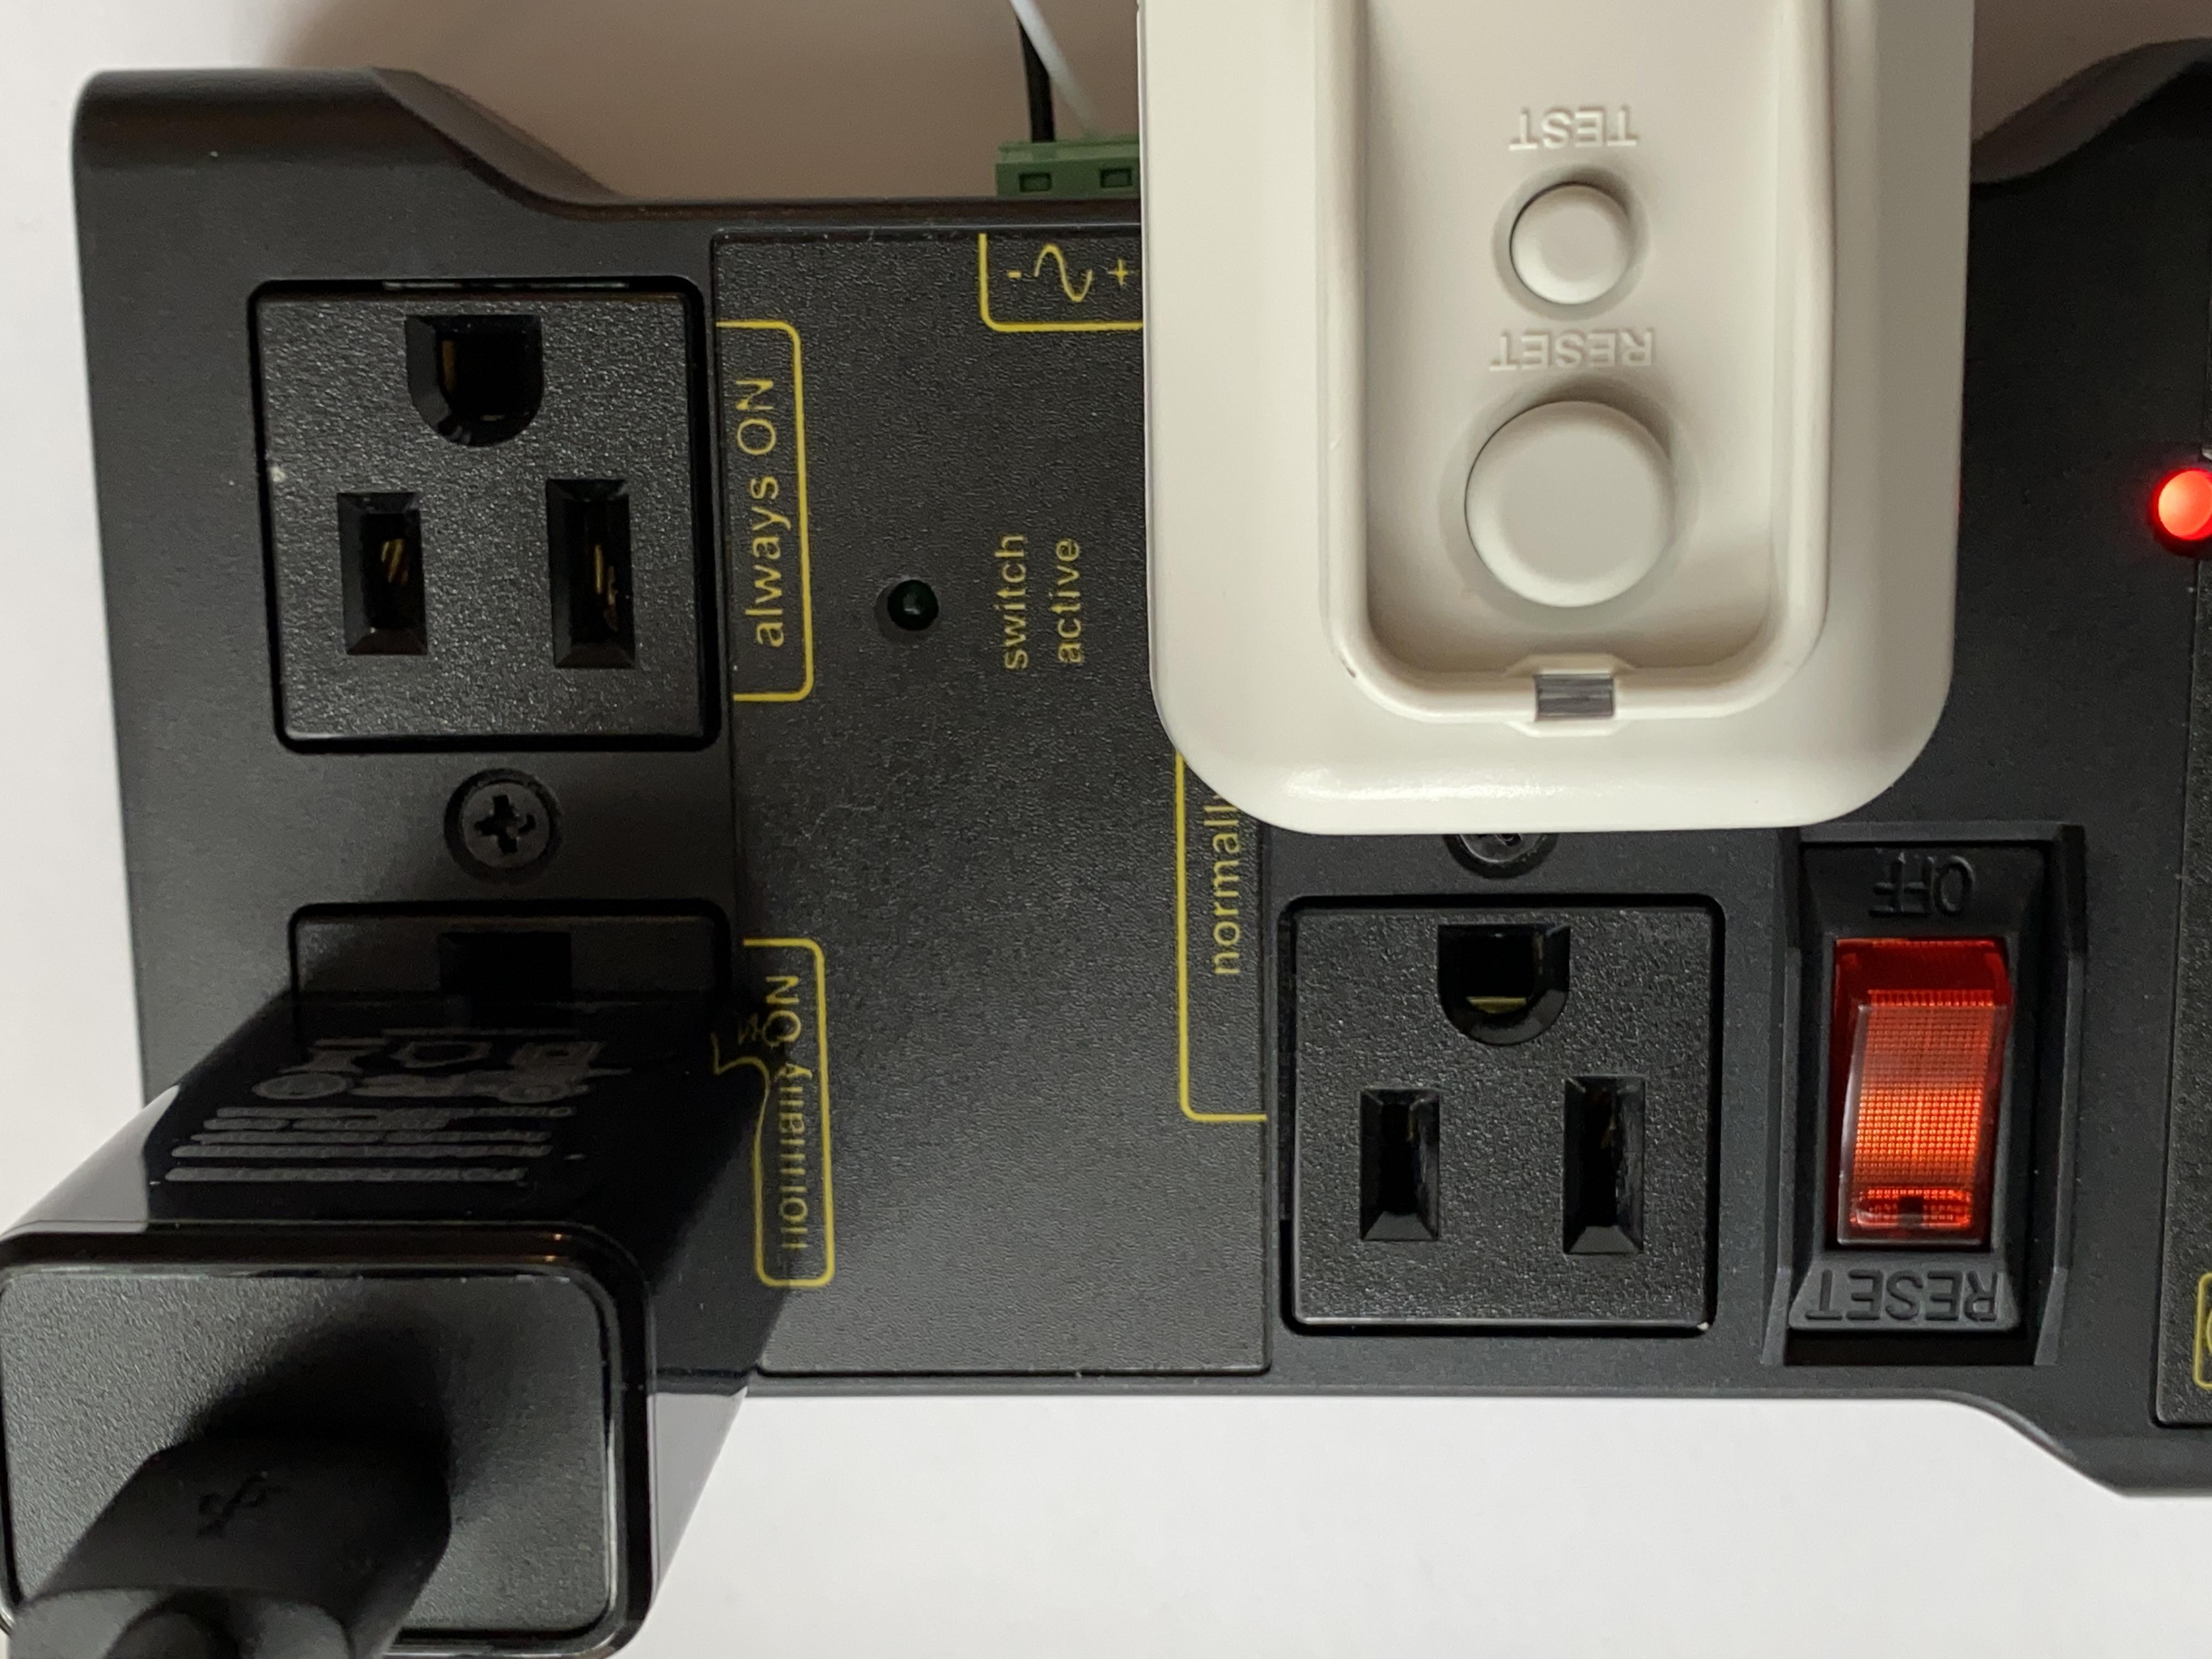 sensors_IMG_3326.jpg